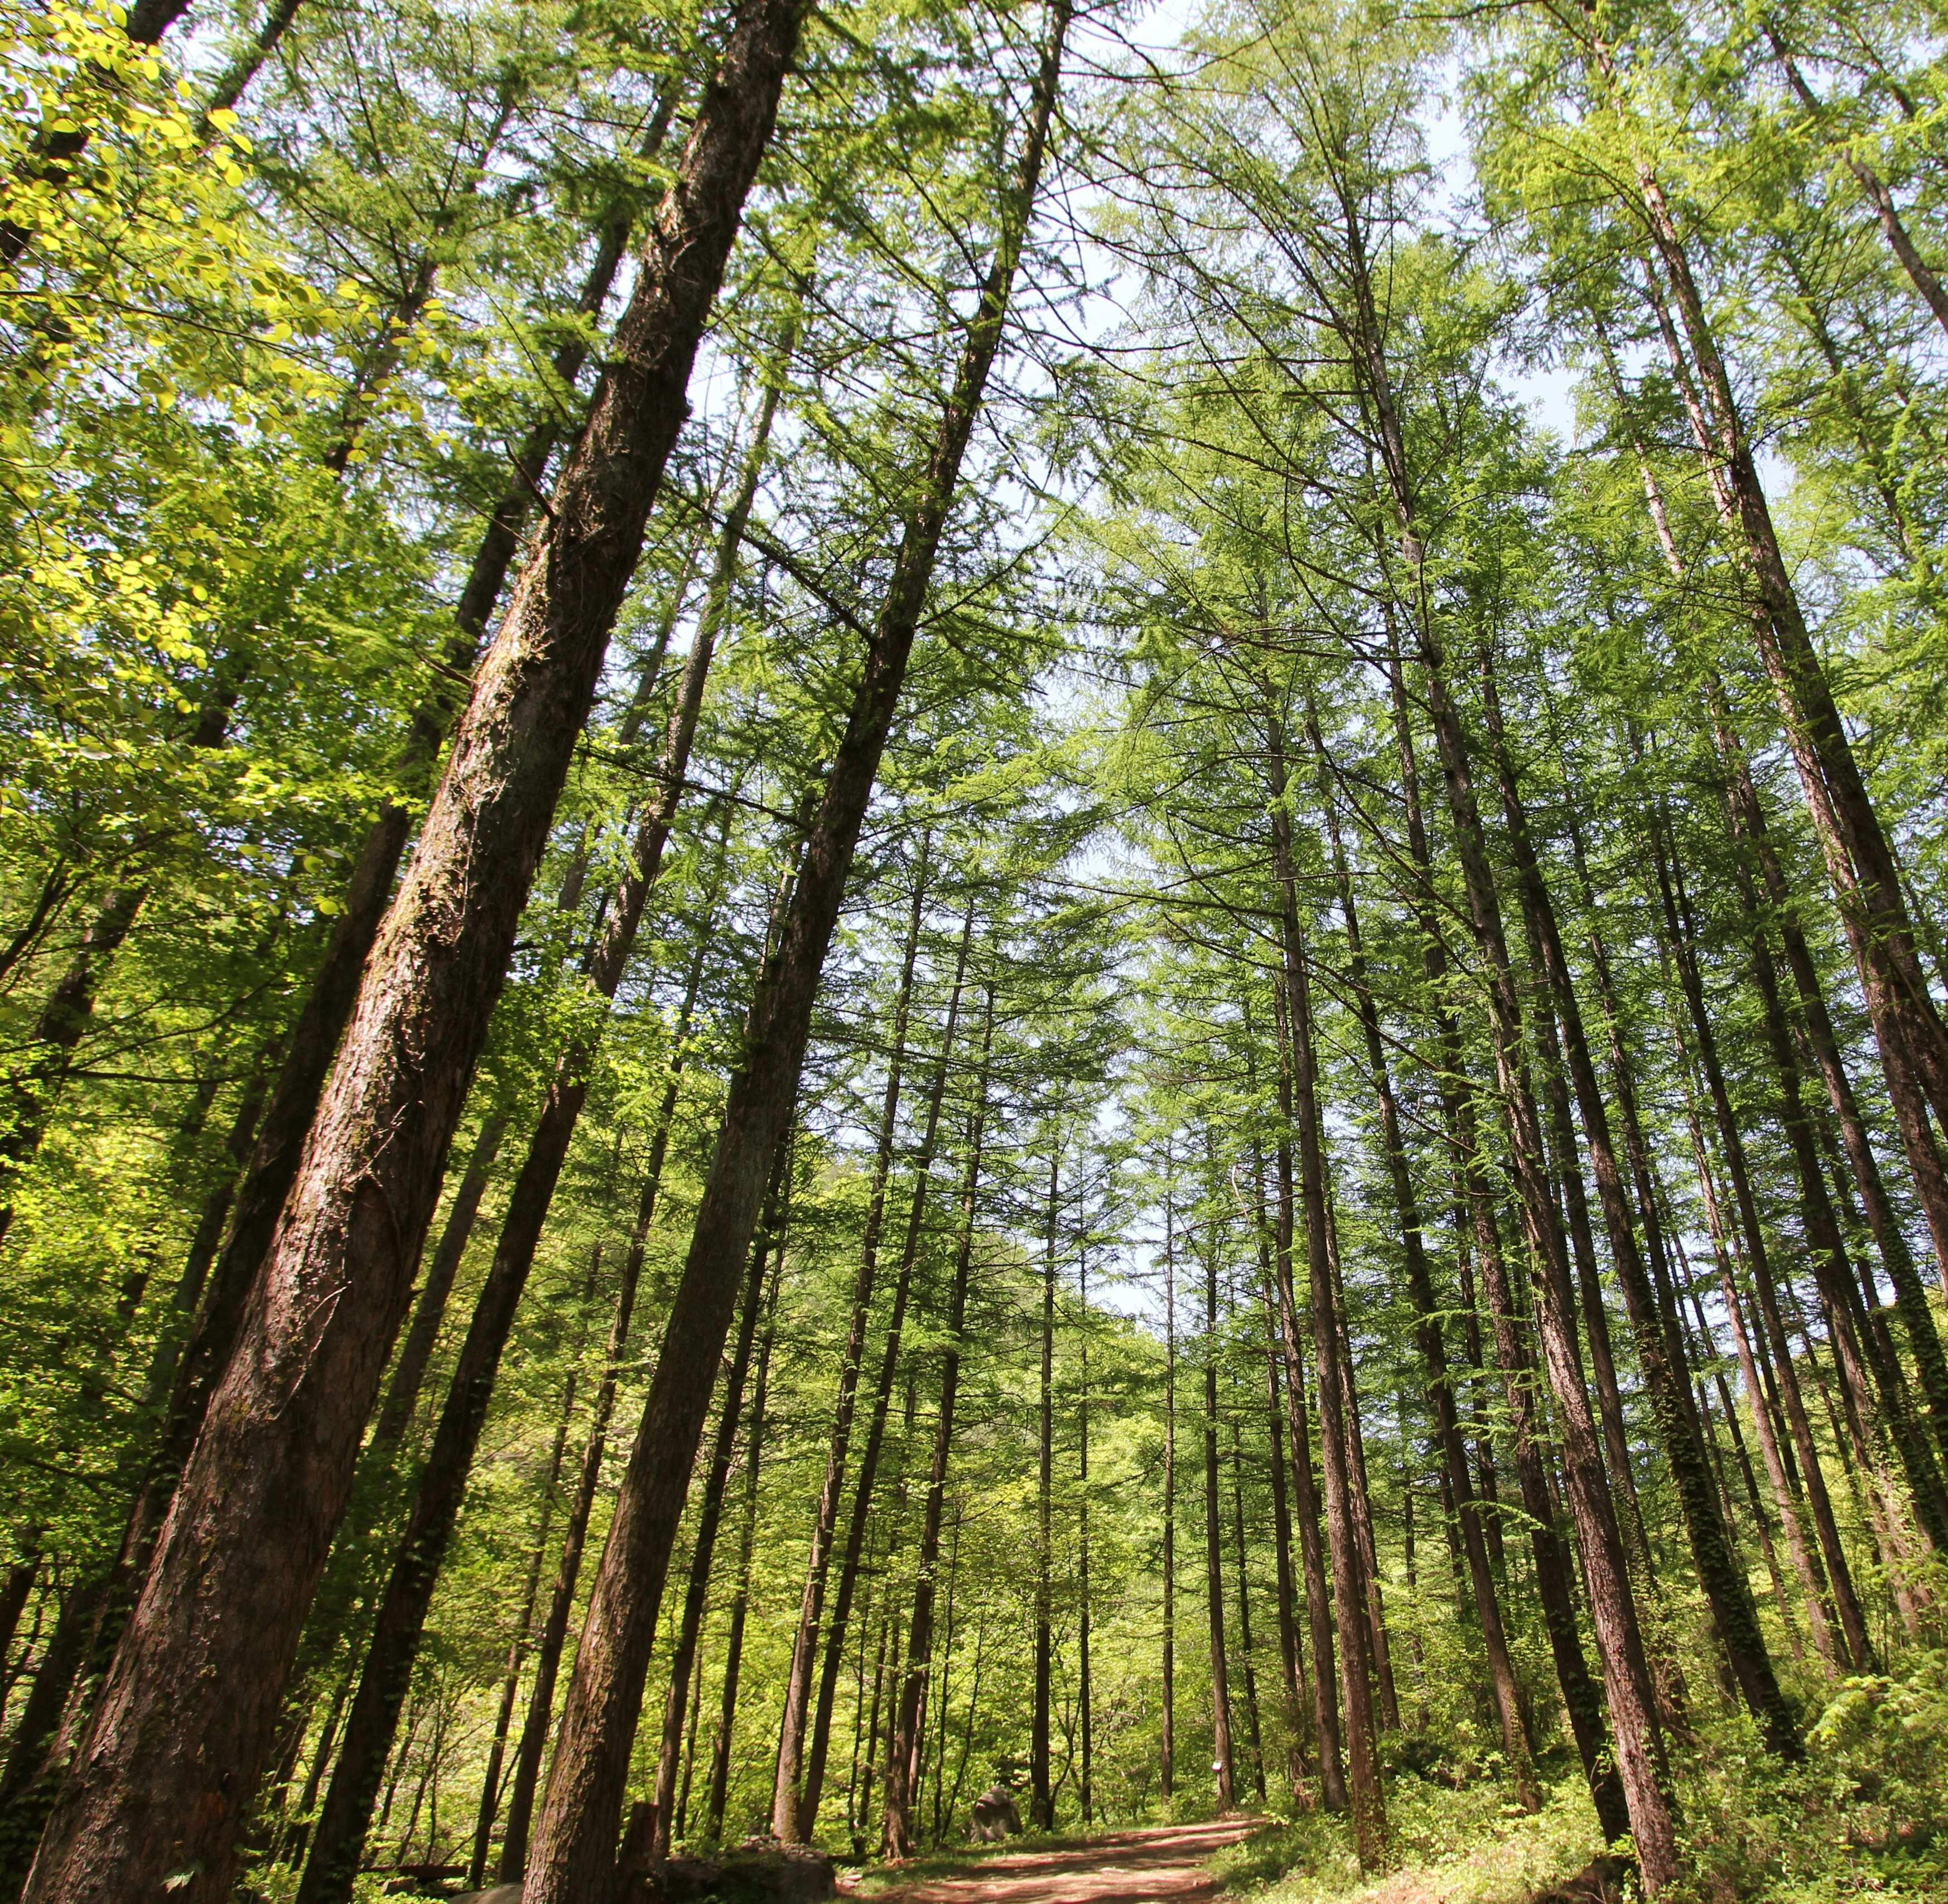 강씨봉자연휴양림 낙엽송쉼터(봄)